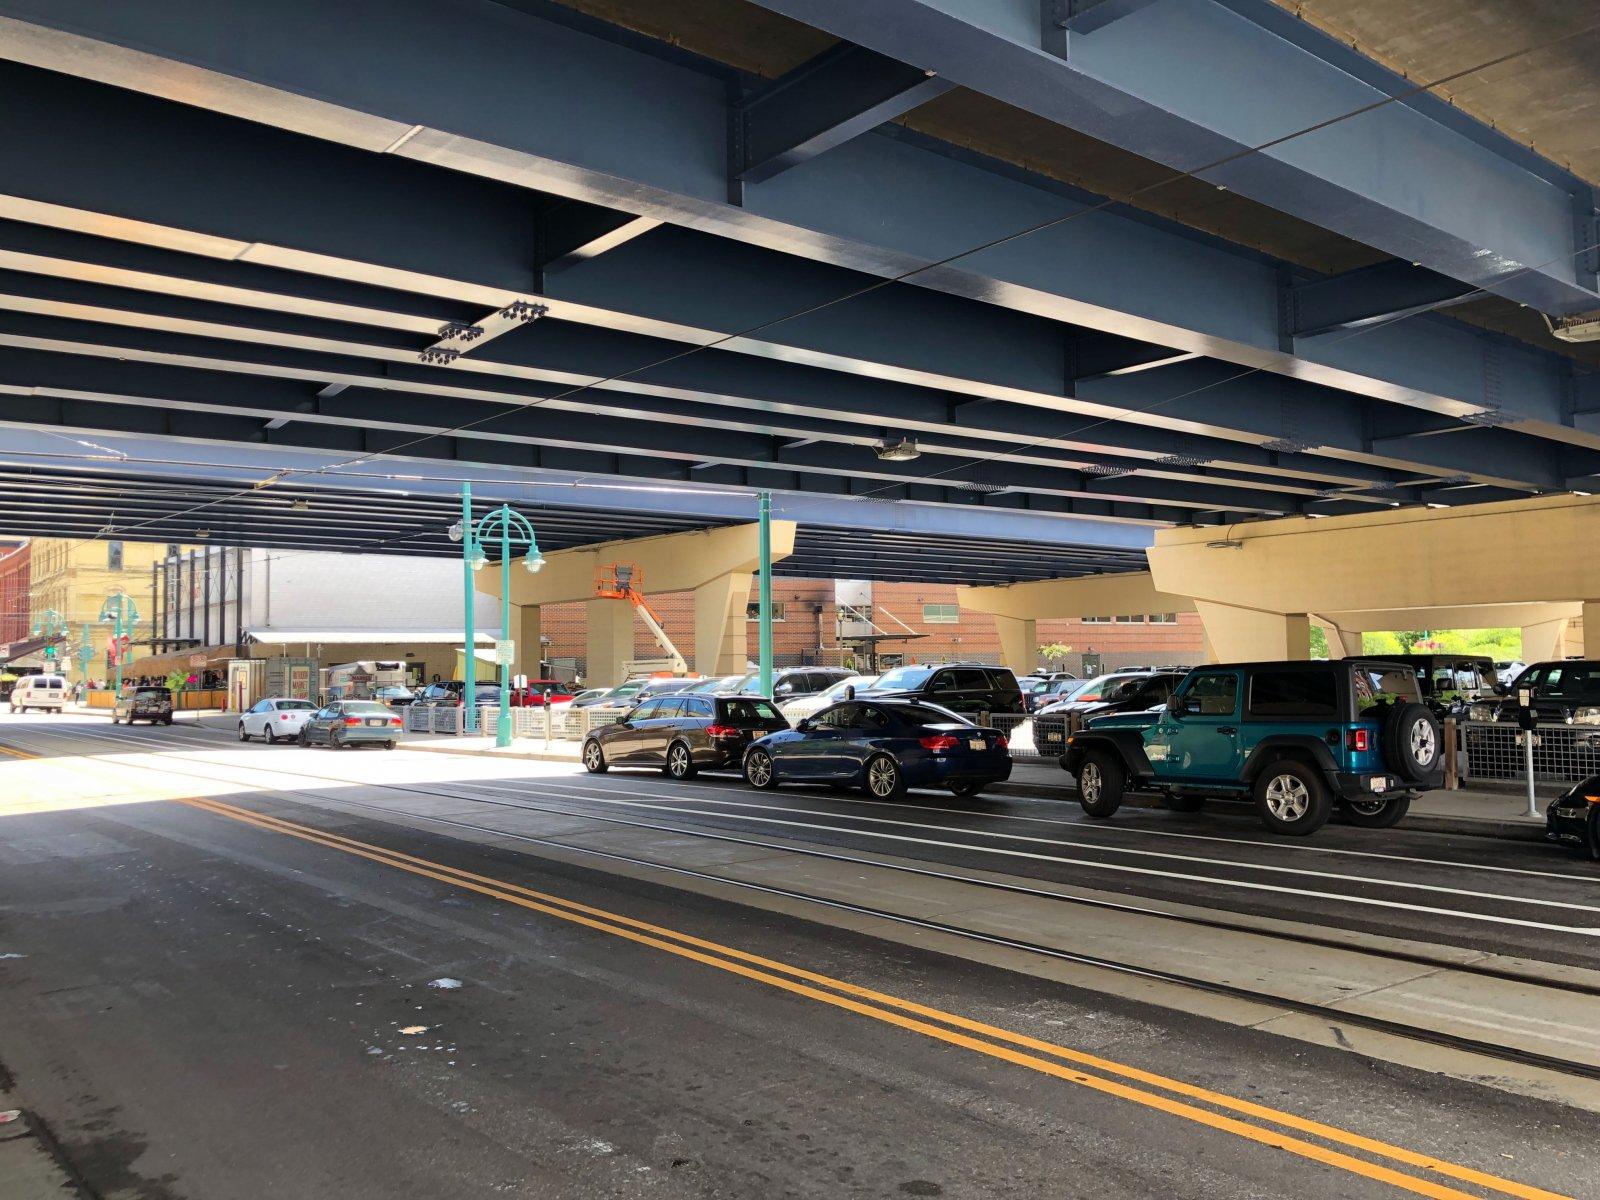 Broadway Under Interstate 794